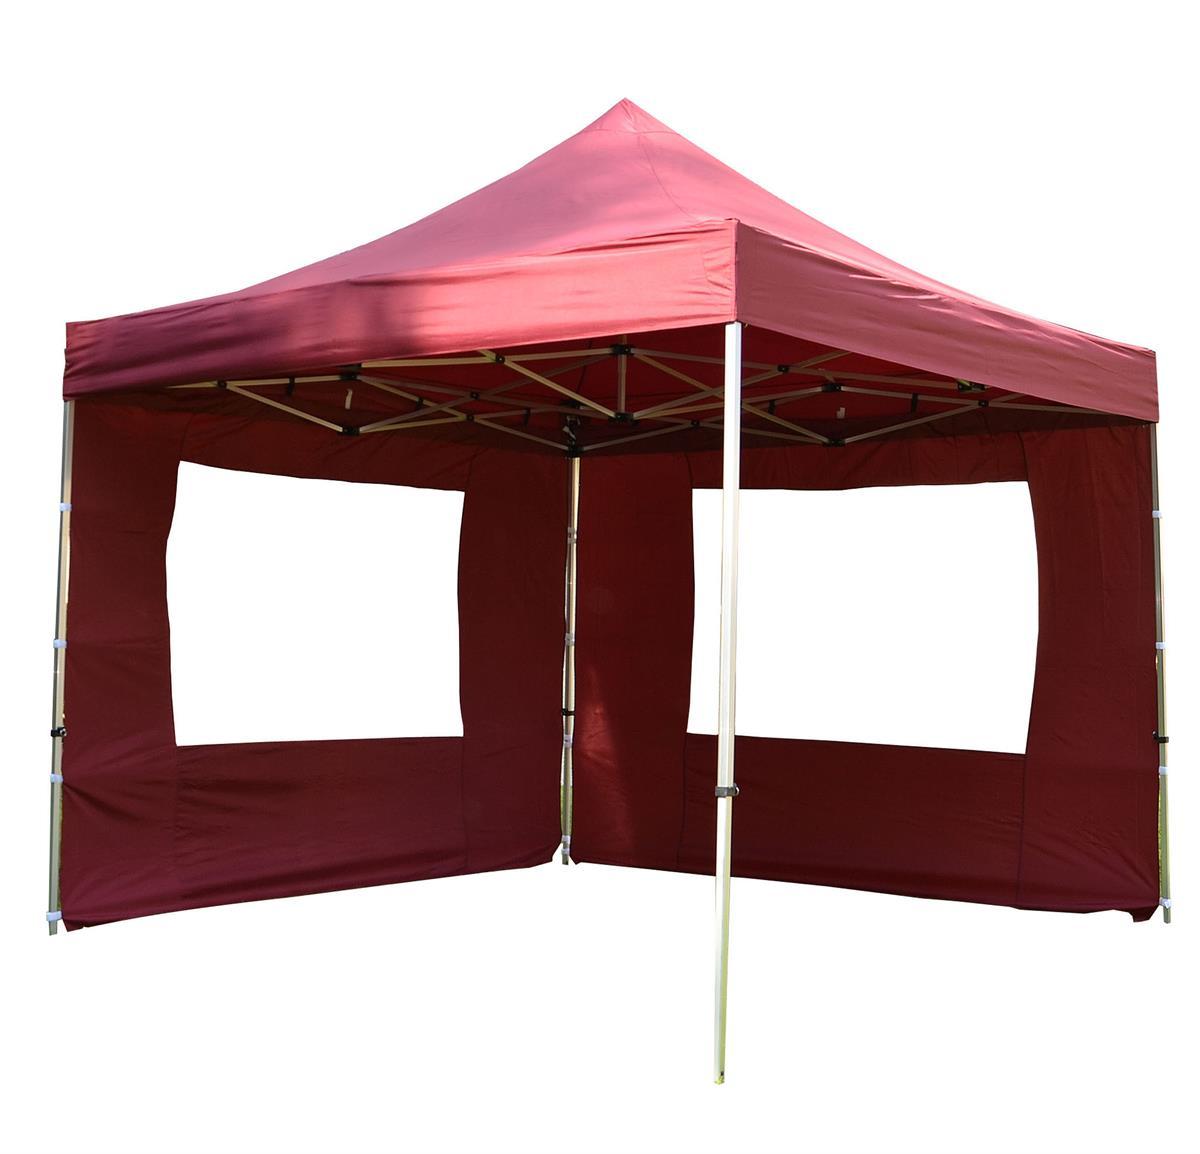 PROFI Falt Pavillon 2 Seitenteile 3x3m burgund rot Dach wasserdicht 270 g/m²